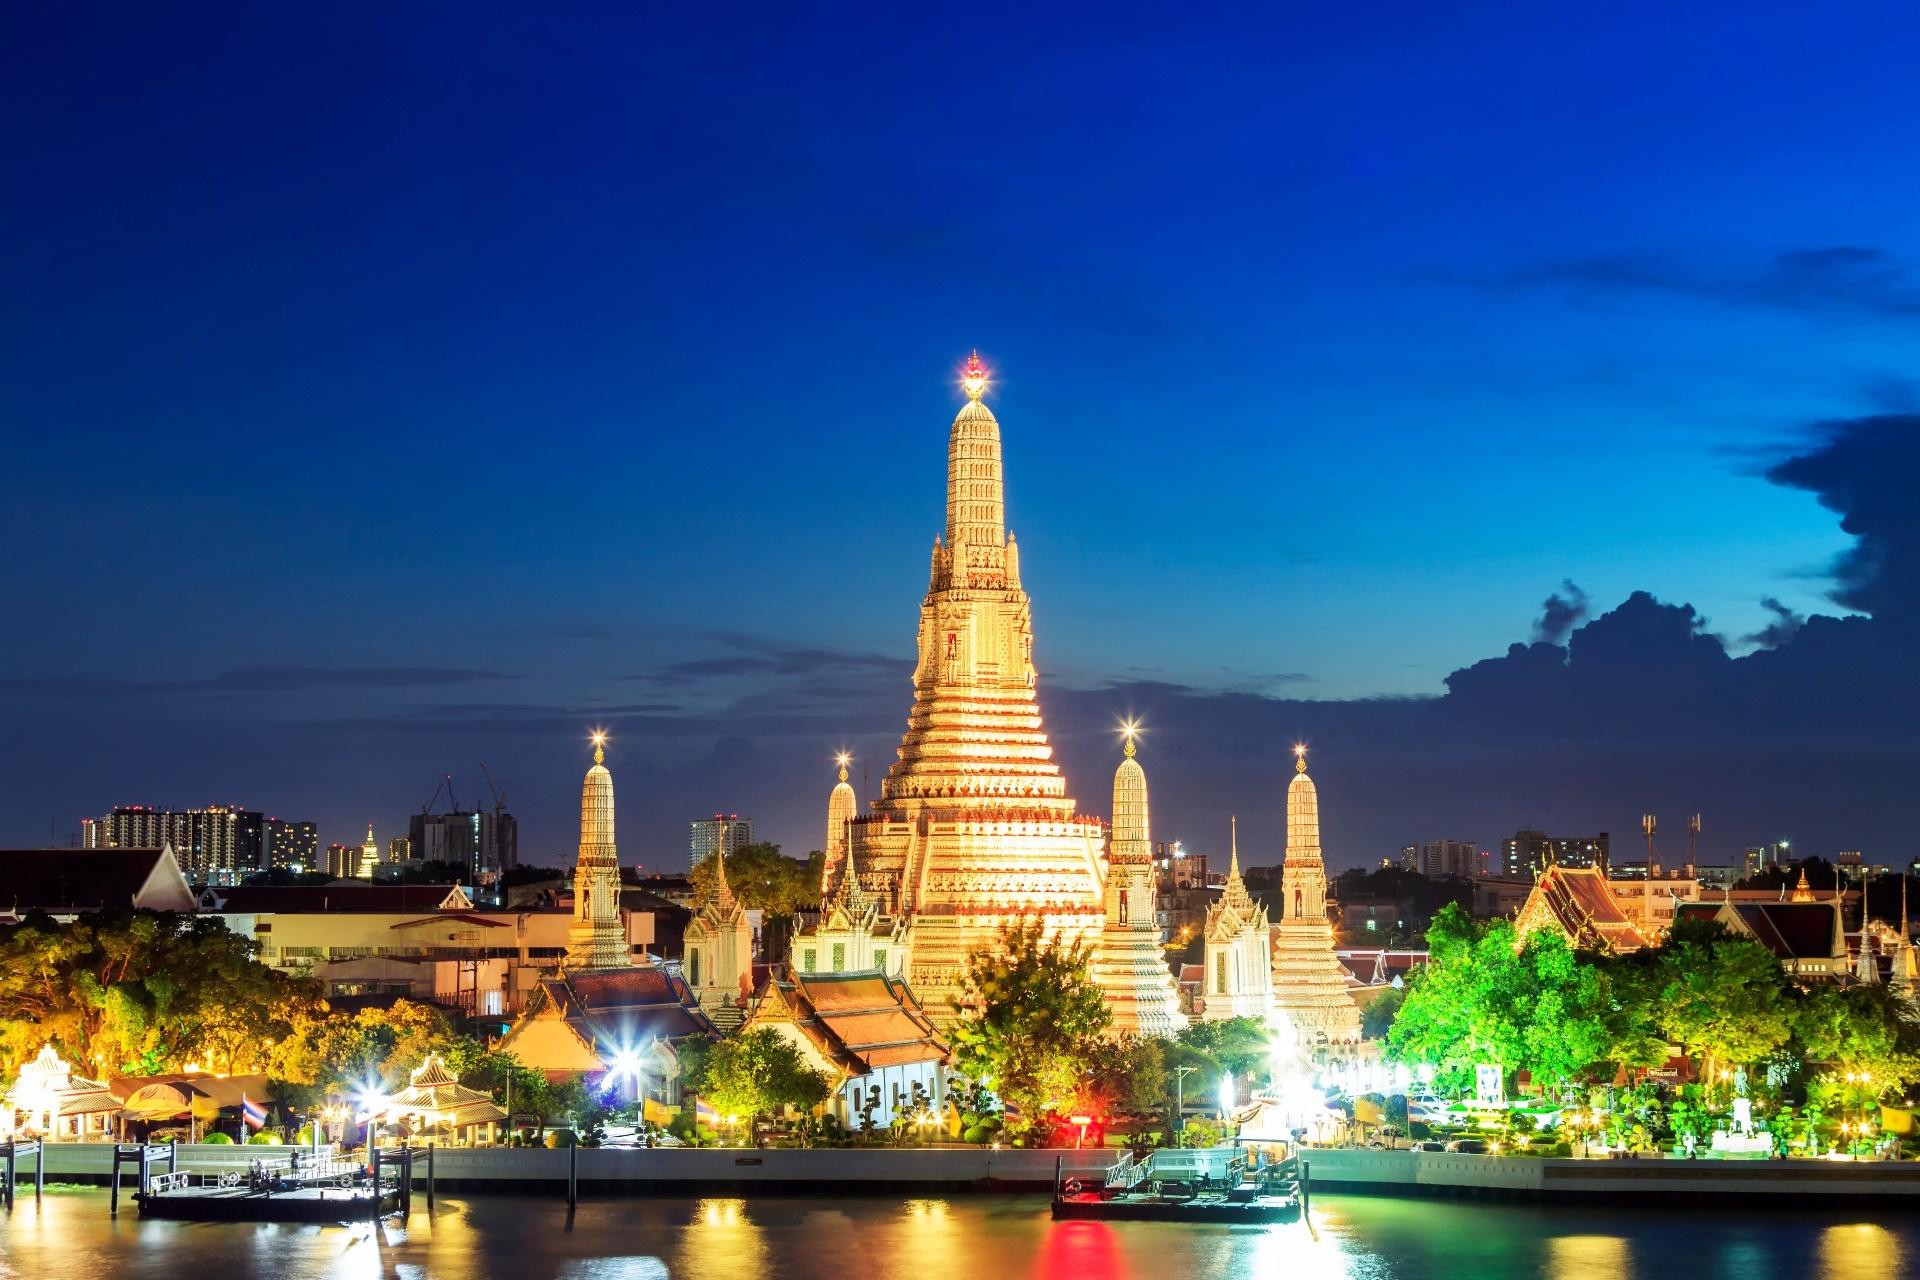 日暮れ時のワット・アルン タイの風景